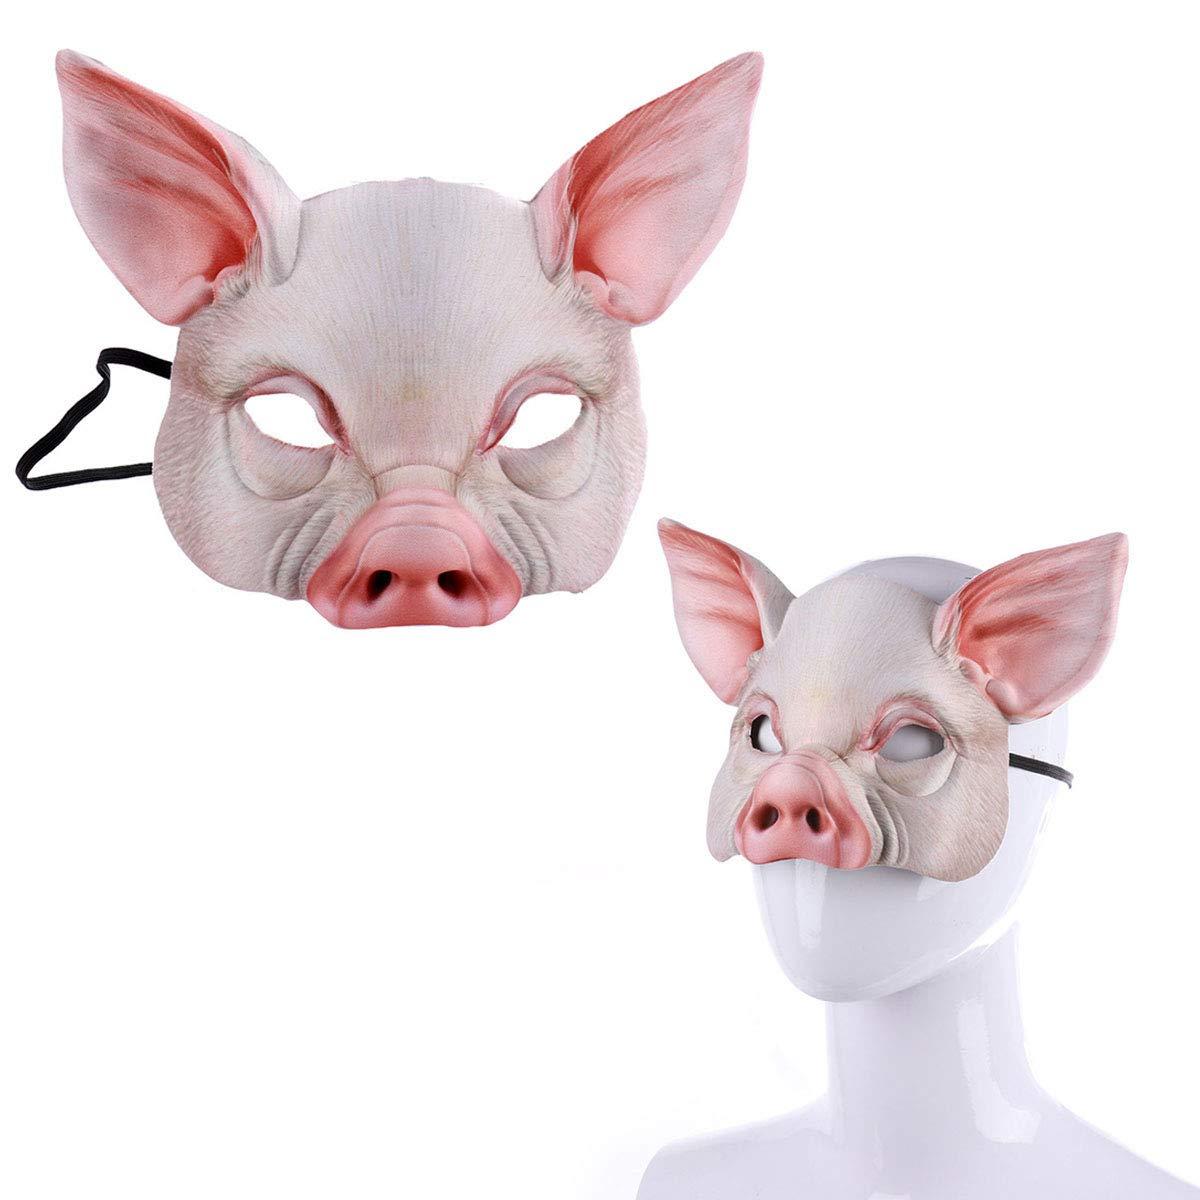 YeahiBaby Mezza Faccia Maschera per Animali Maschera di Maiale per Festa Festival Masquerade Fancy Ball Cosplay Rosa